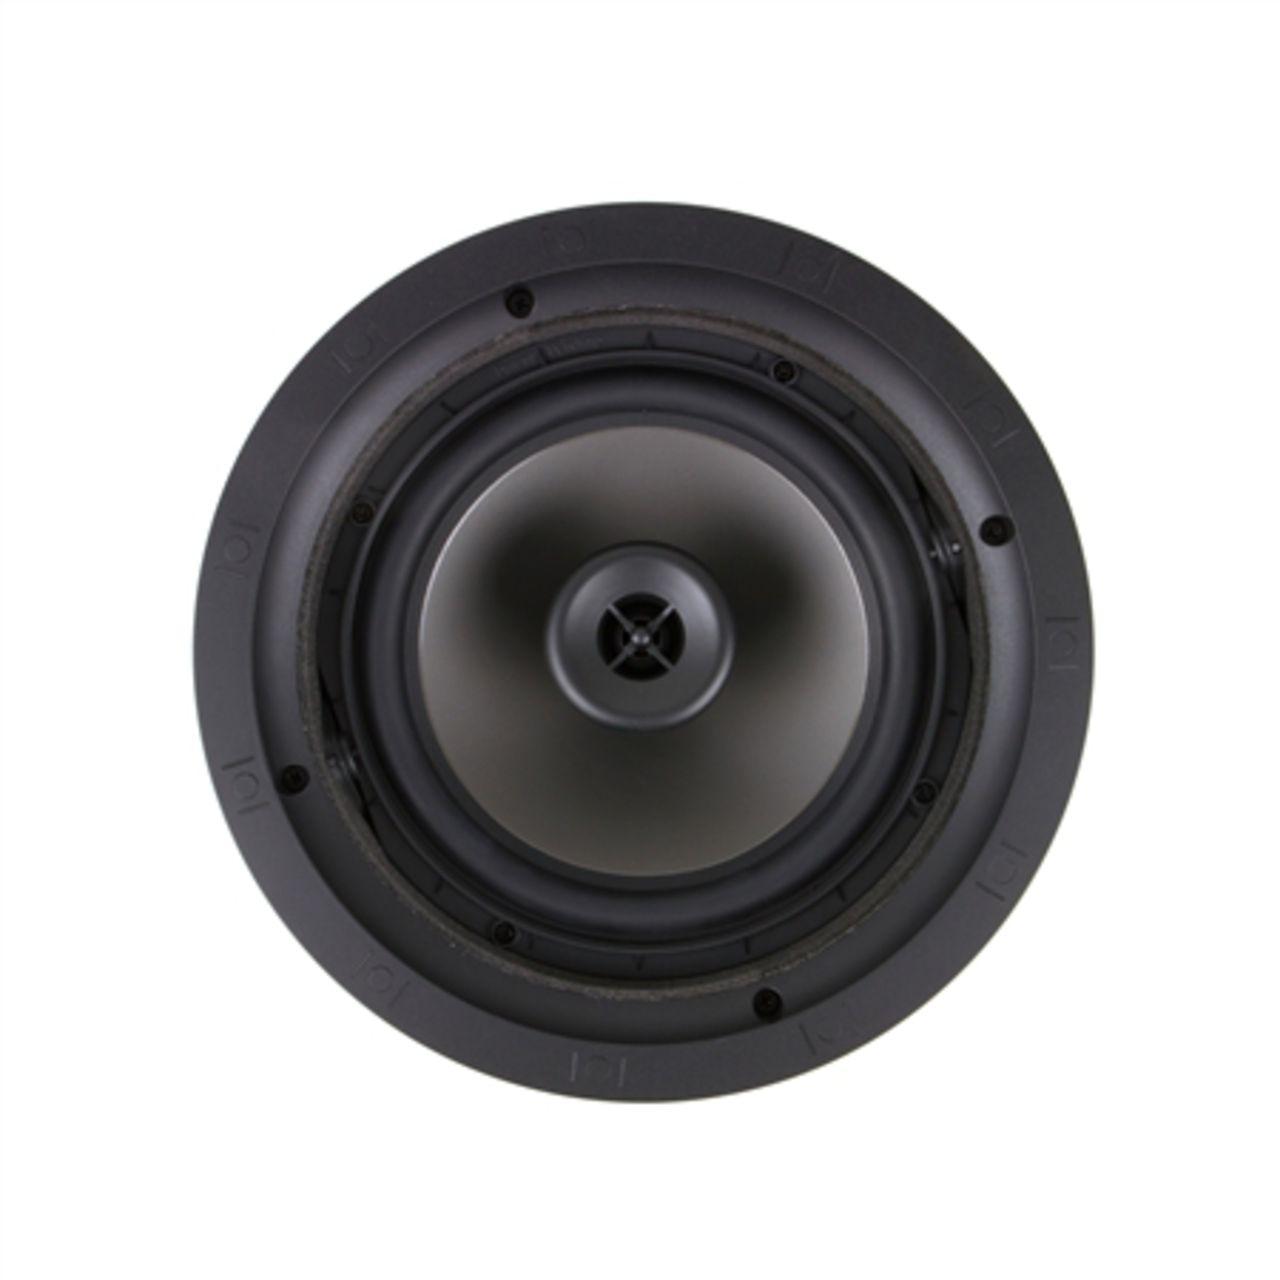 Grote speakers kopen? | Online Internetwinkel